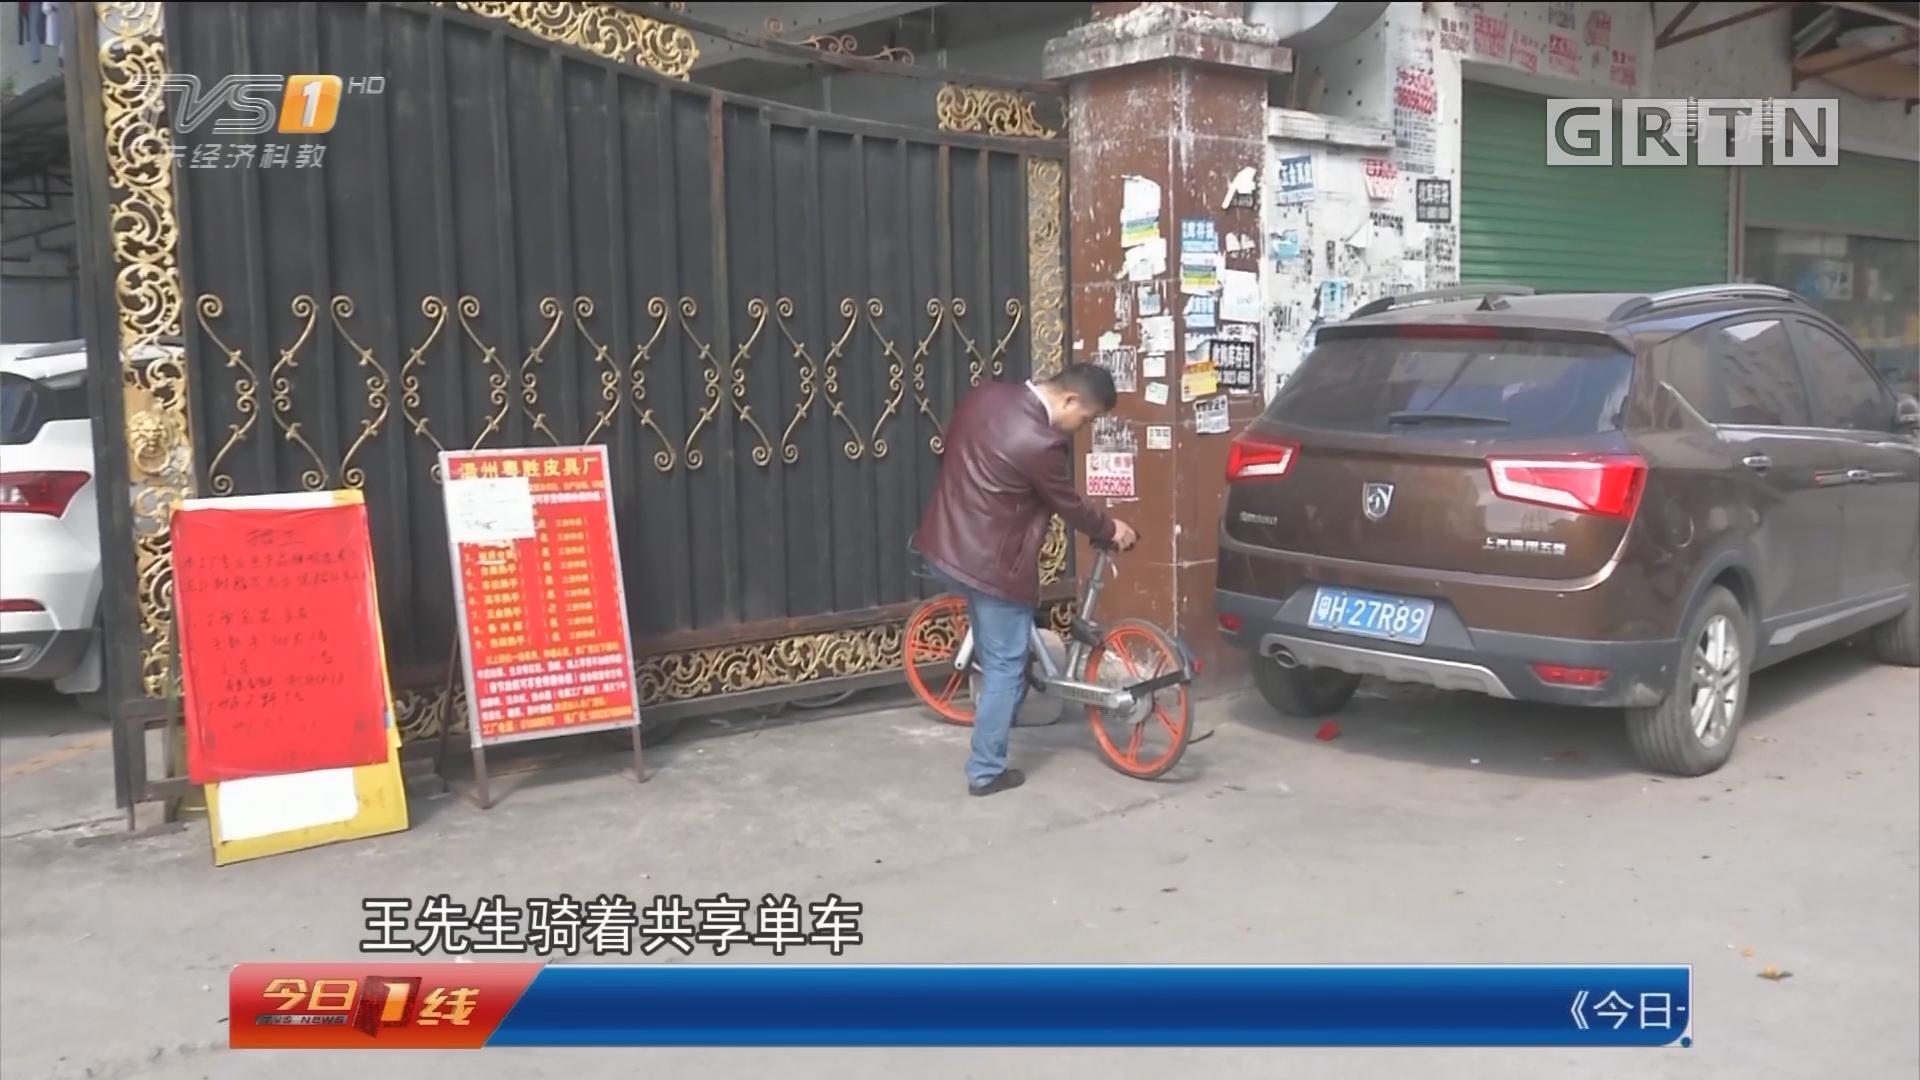 广州白云:骑共享单车十分钟 累积计费58元